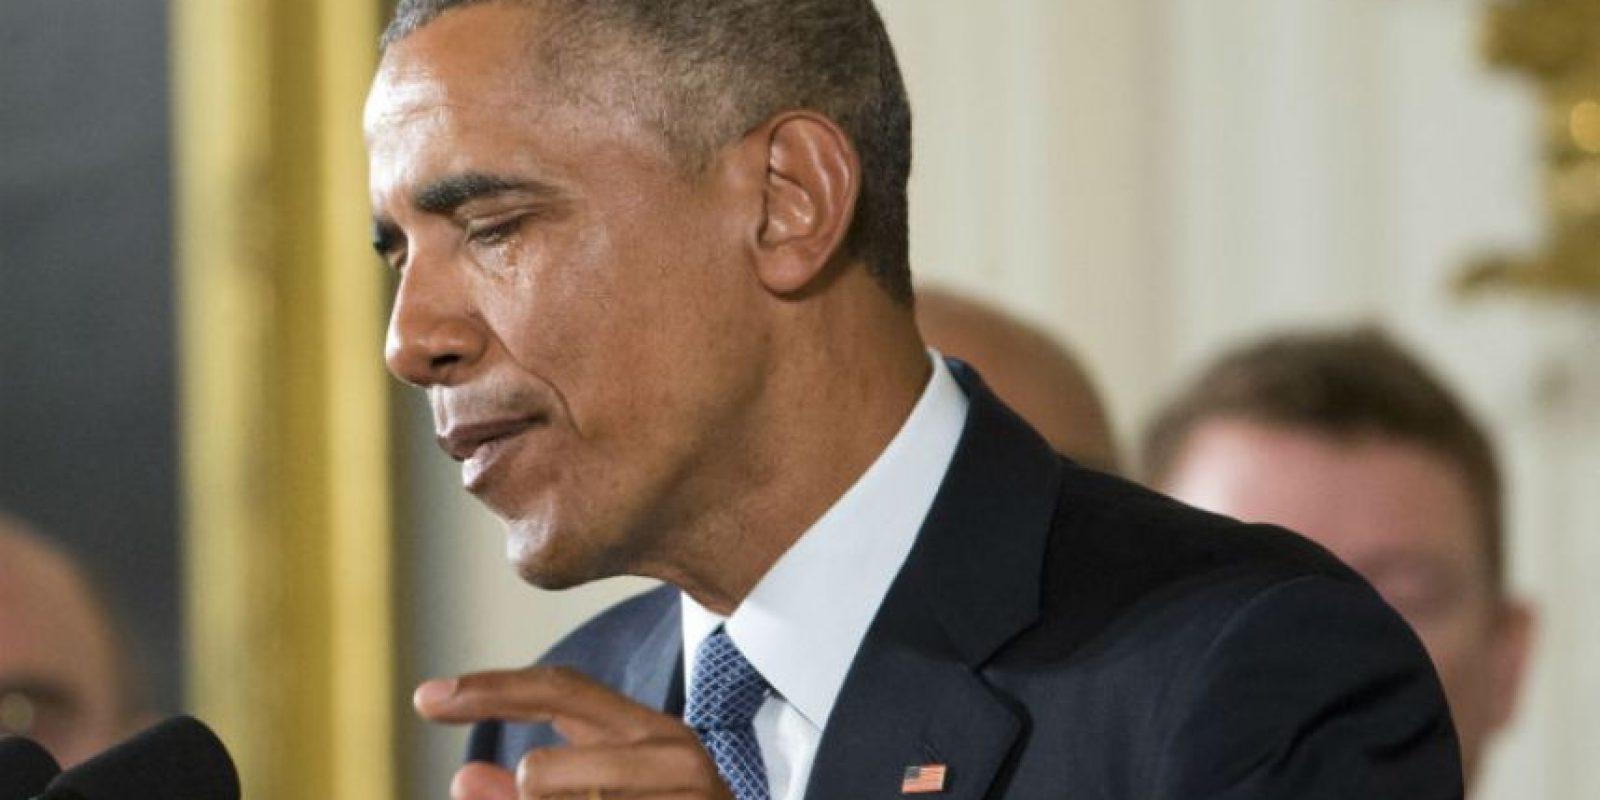 Señaló que el Congreso podría interponerse en las decisiones. Foto:AP